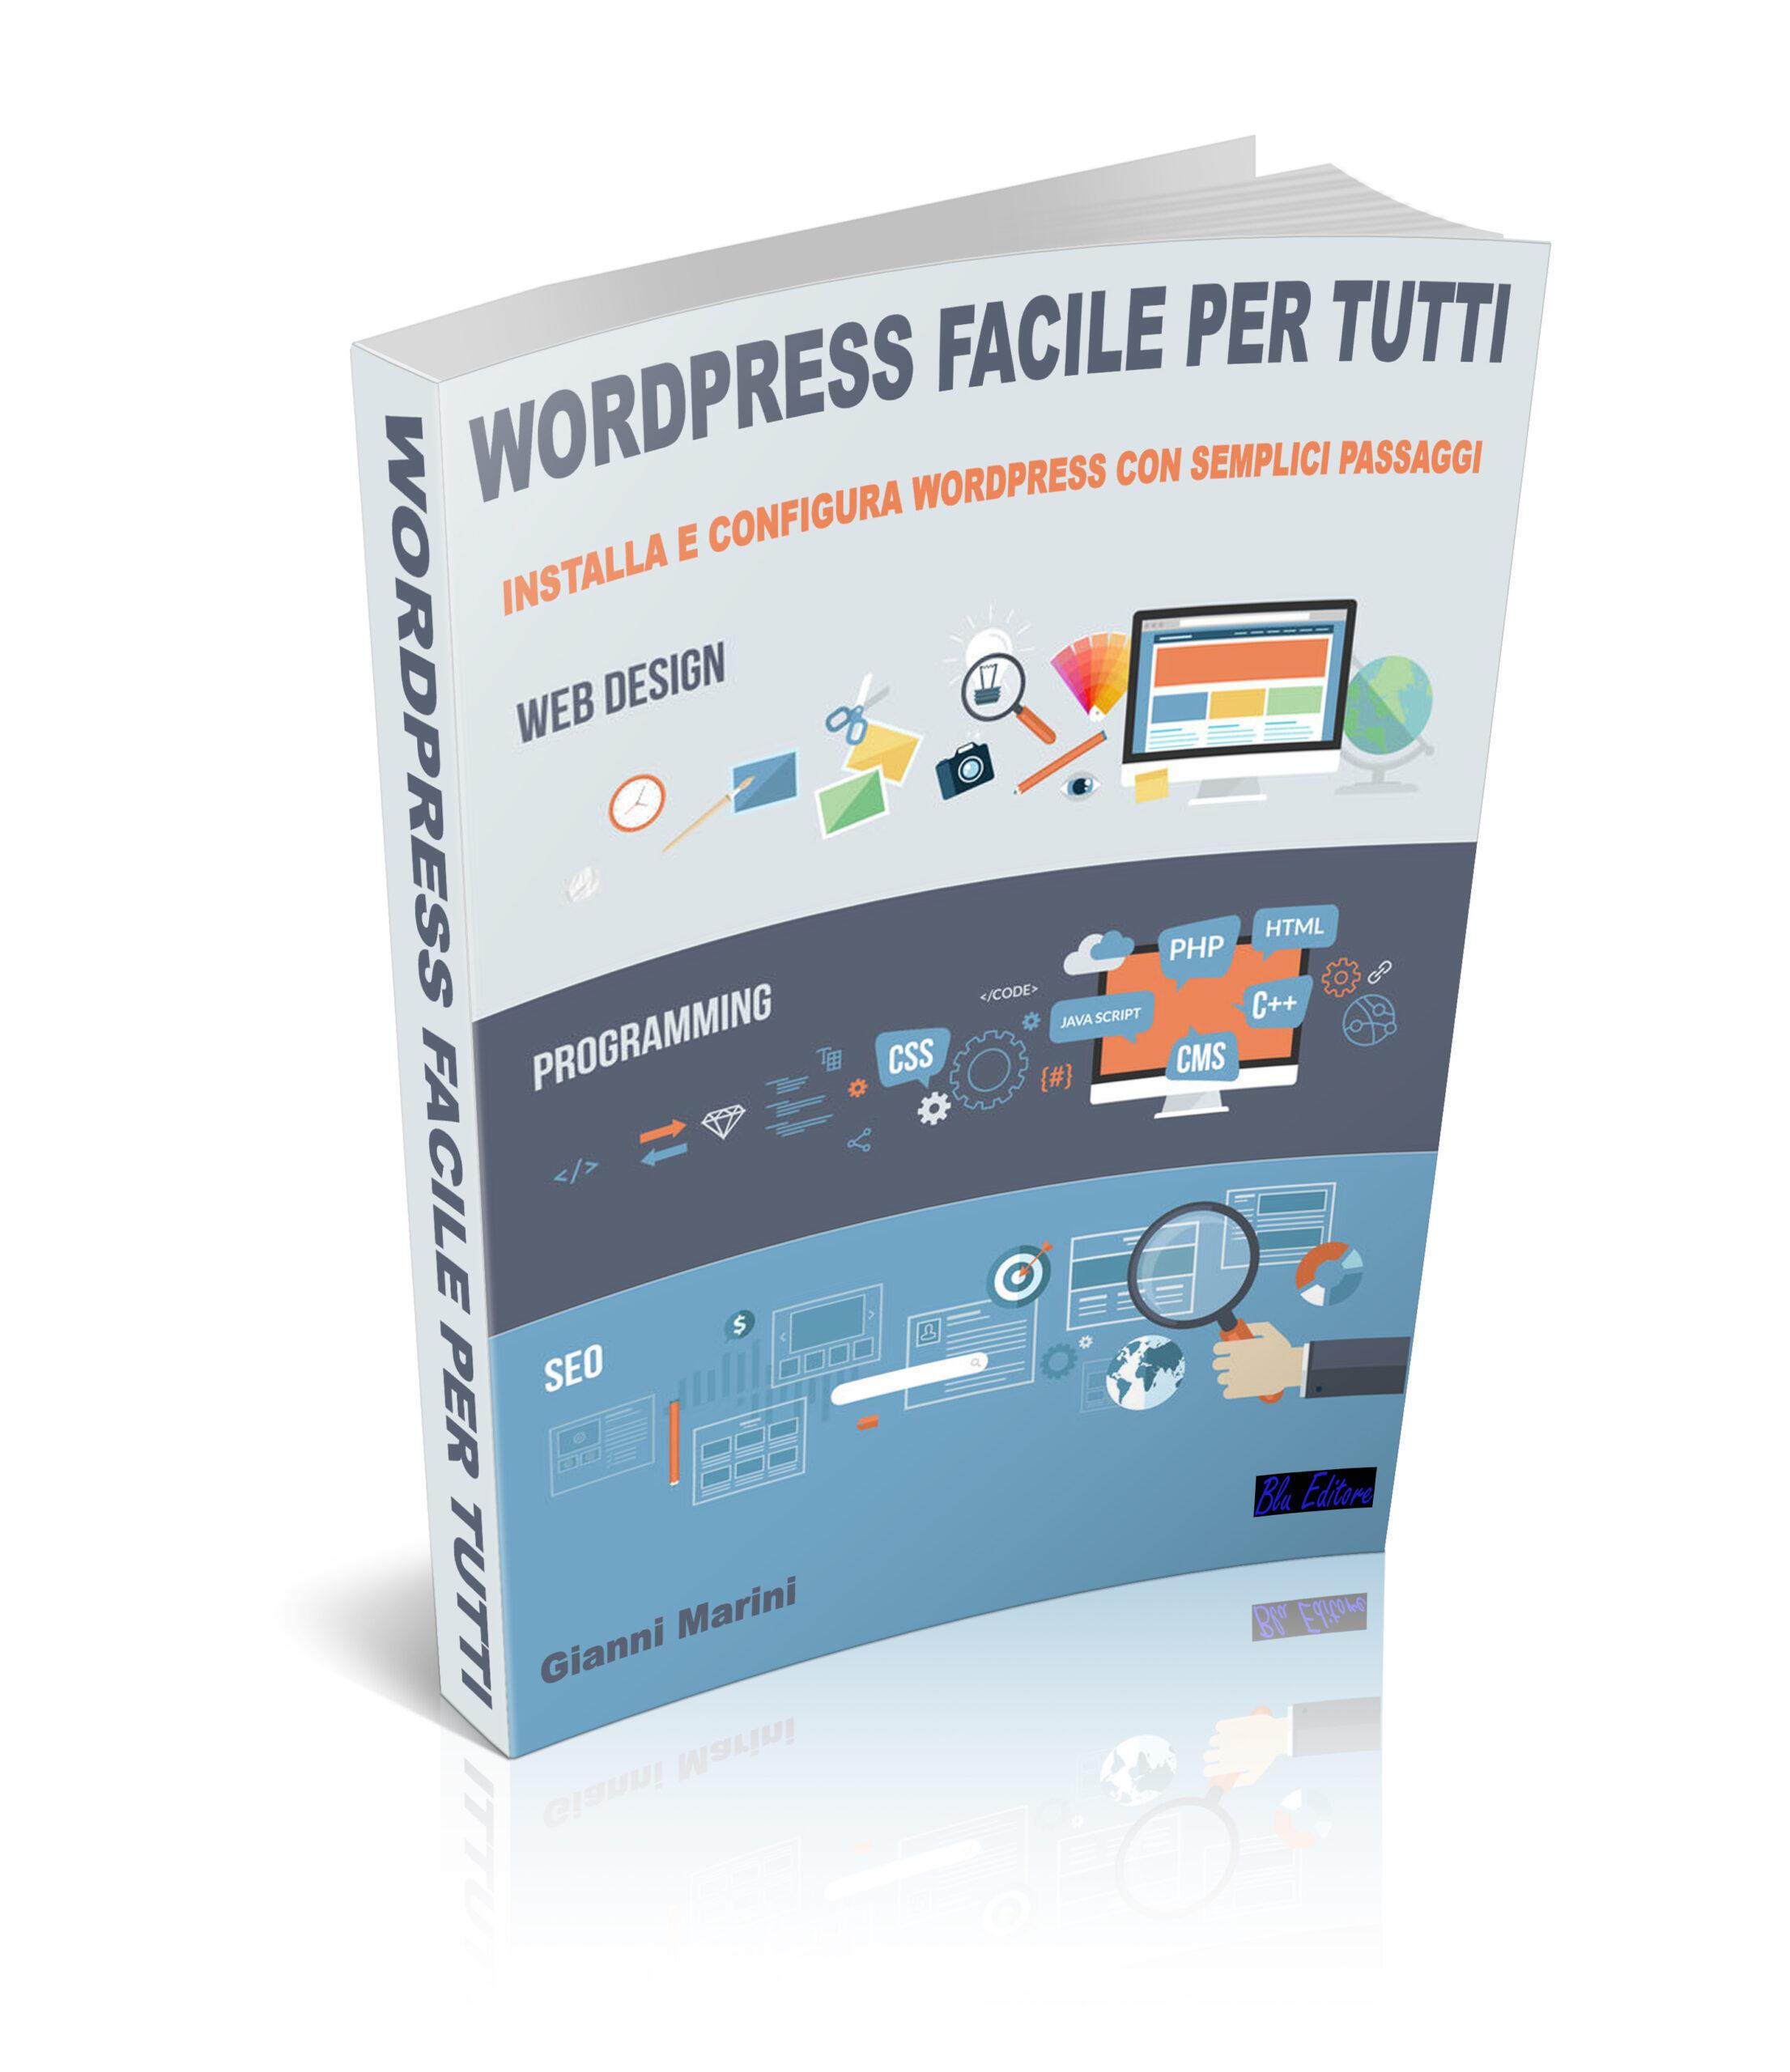 WordPress facile per tutti